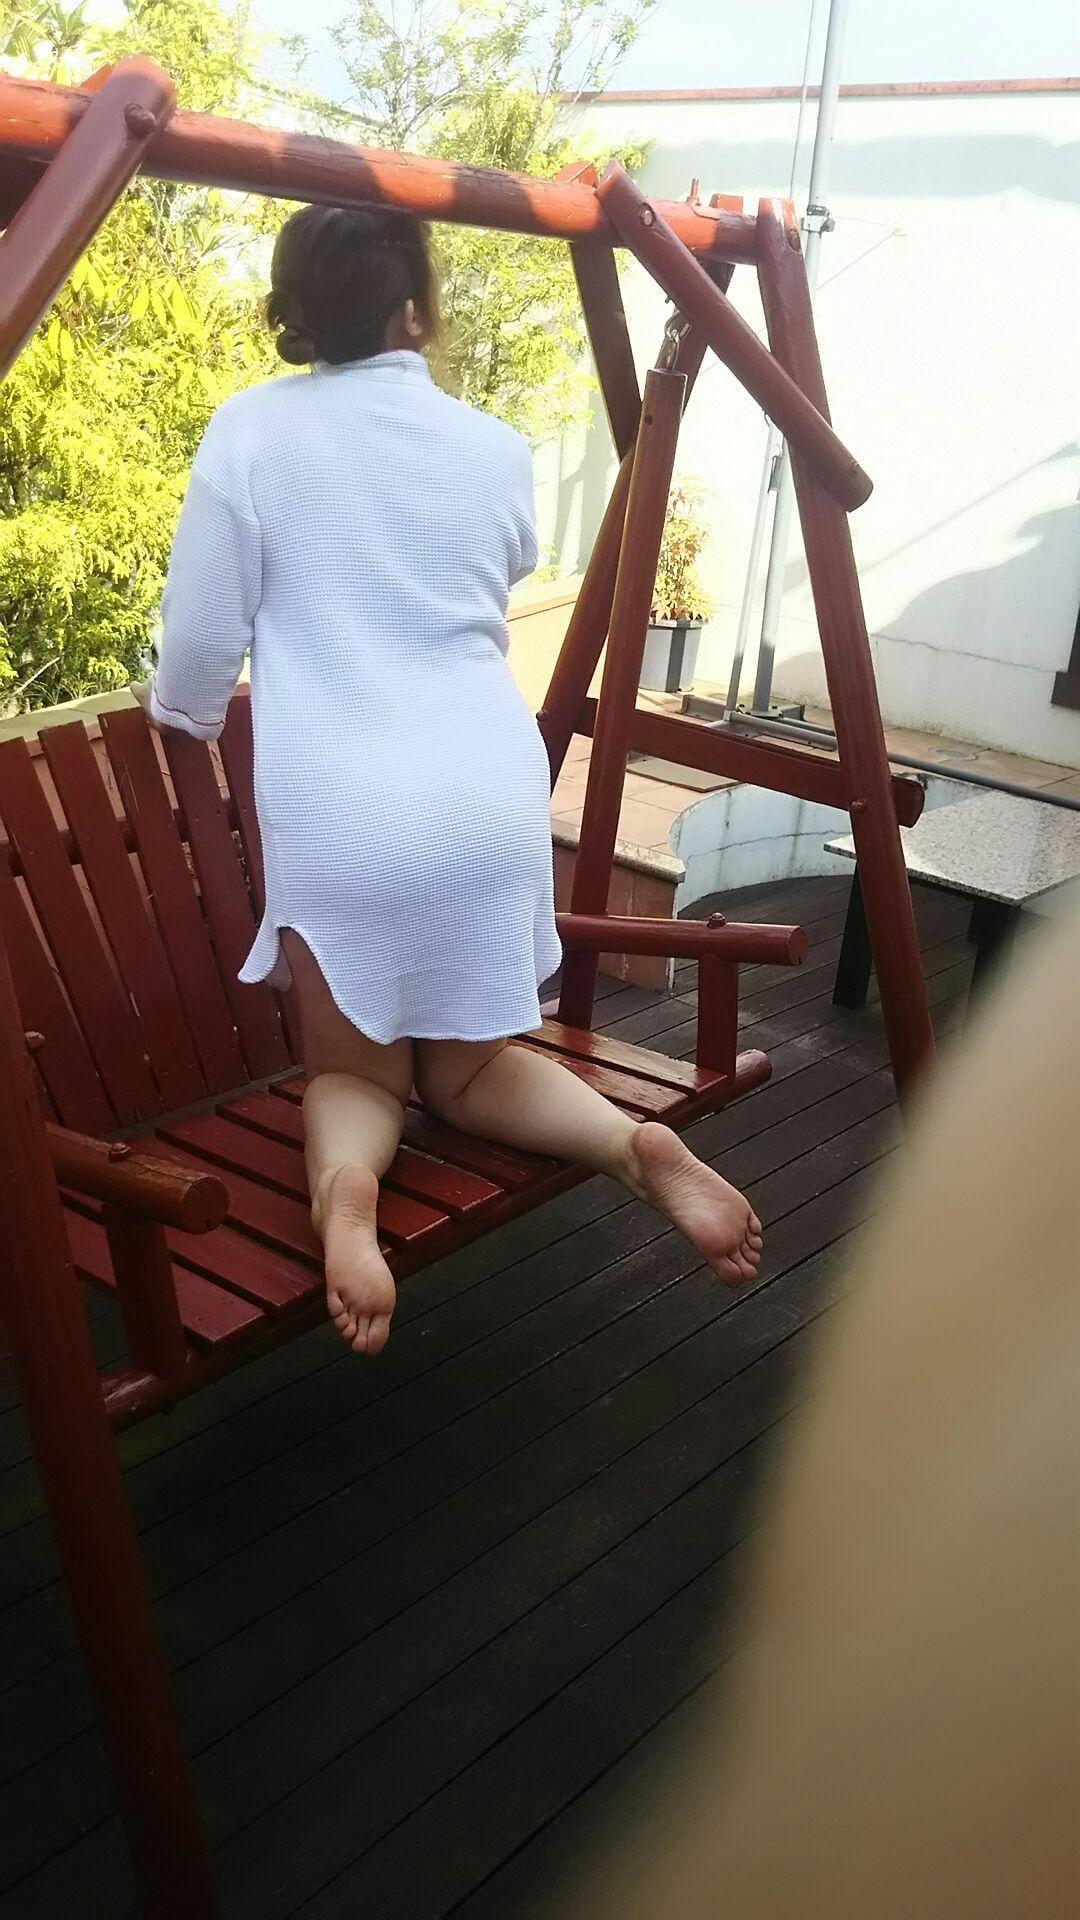 「❤お礼です」06/24(日) 16:37 | 折原しほの写メ・風俗動画